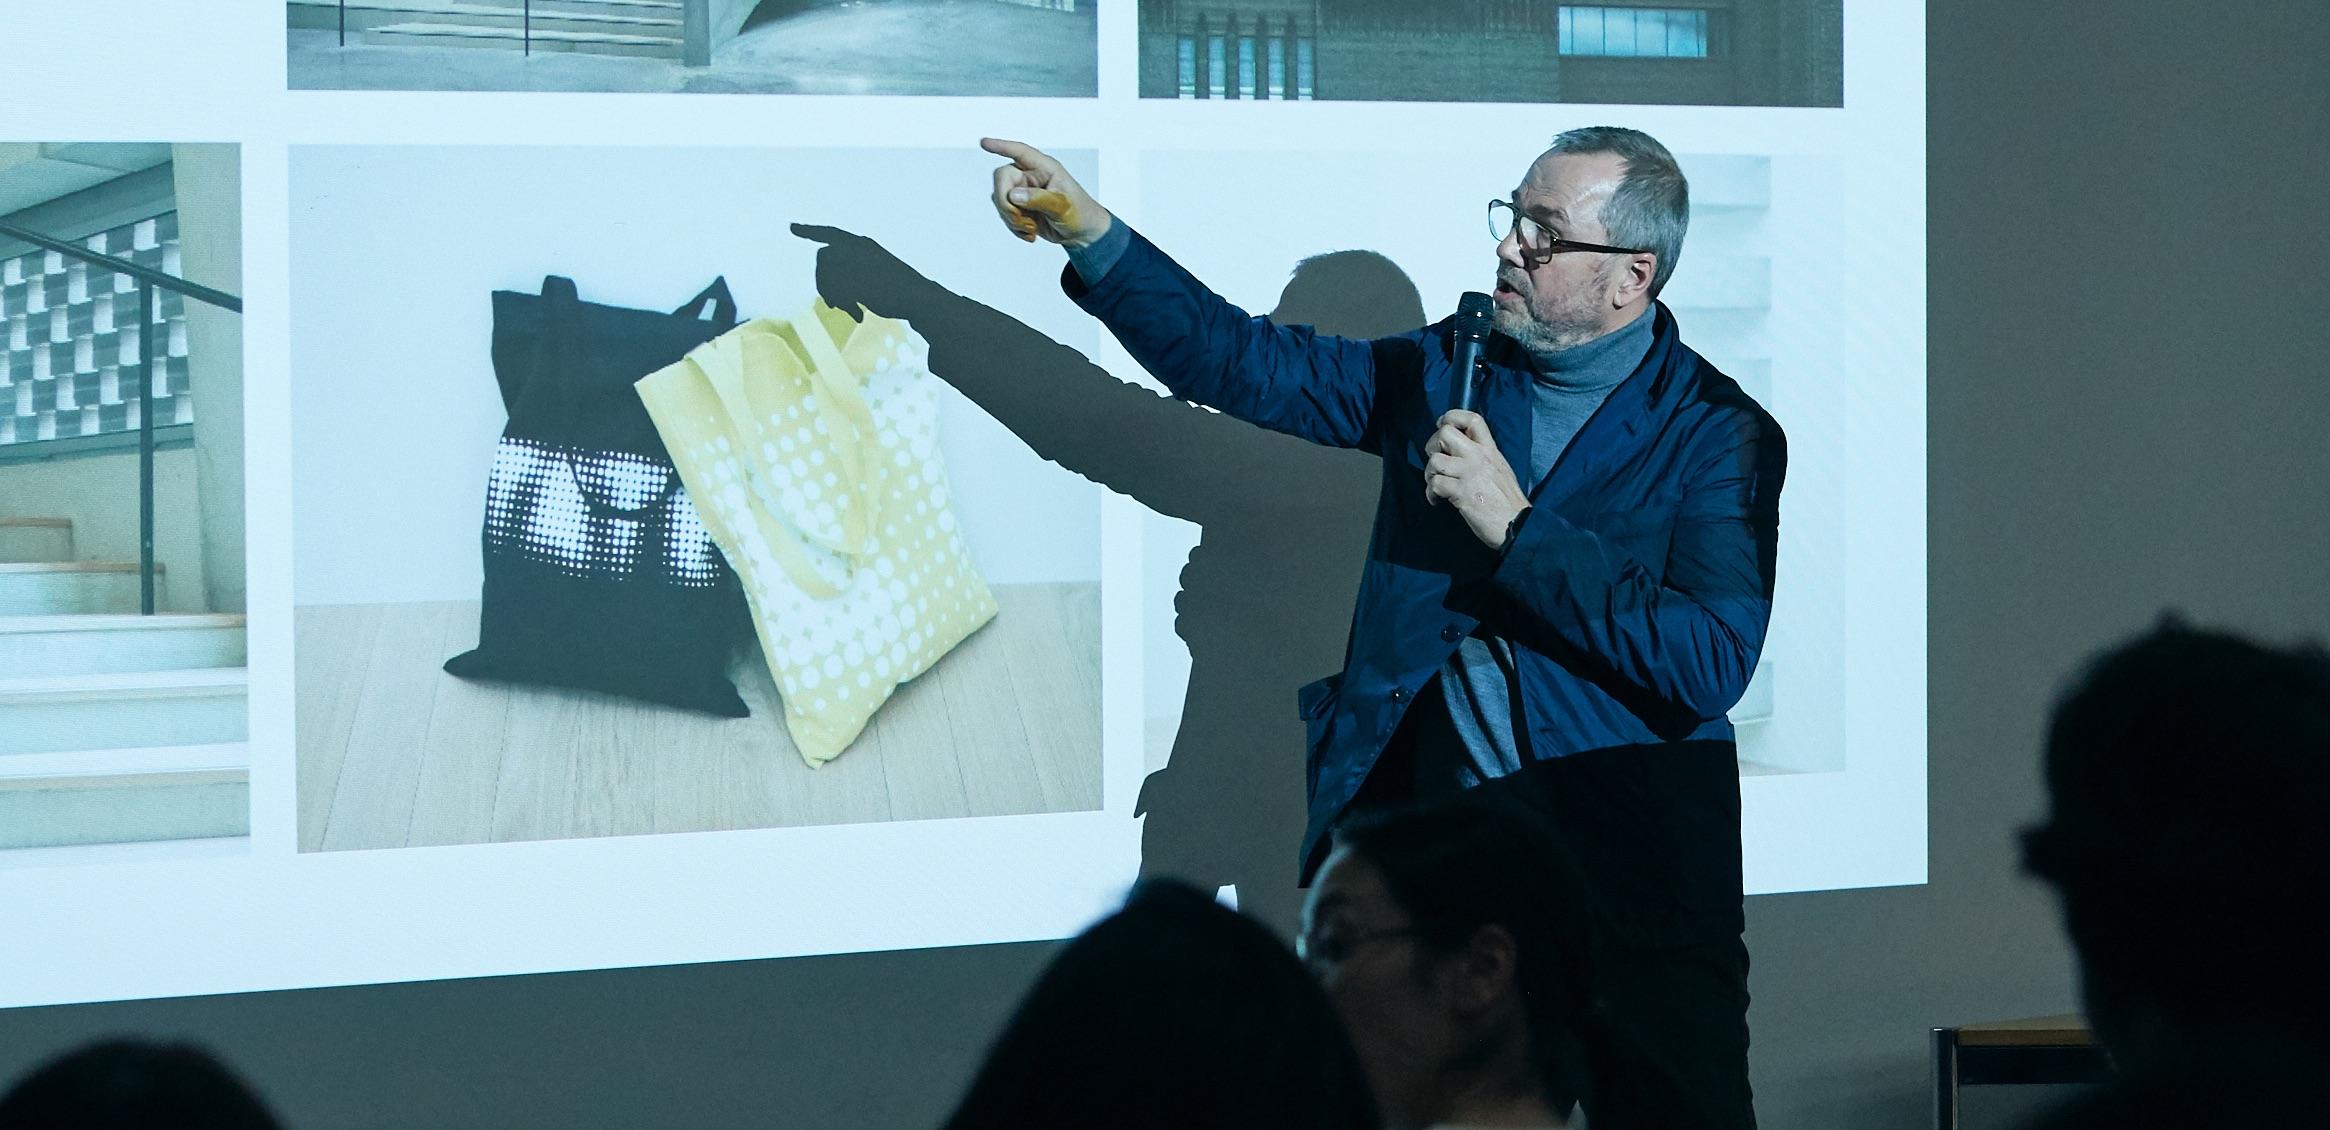 Sean Perkins & Yoshiaki Irobe デザイントークセッション